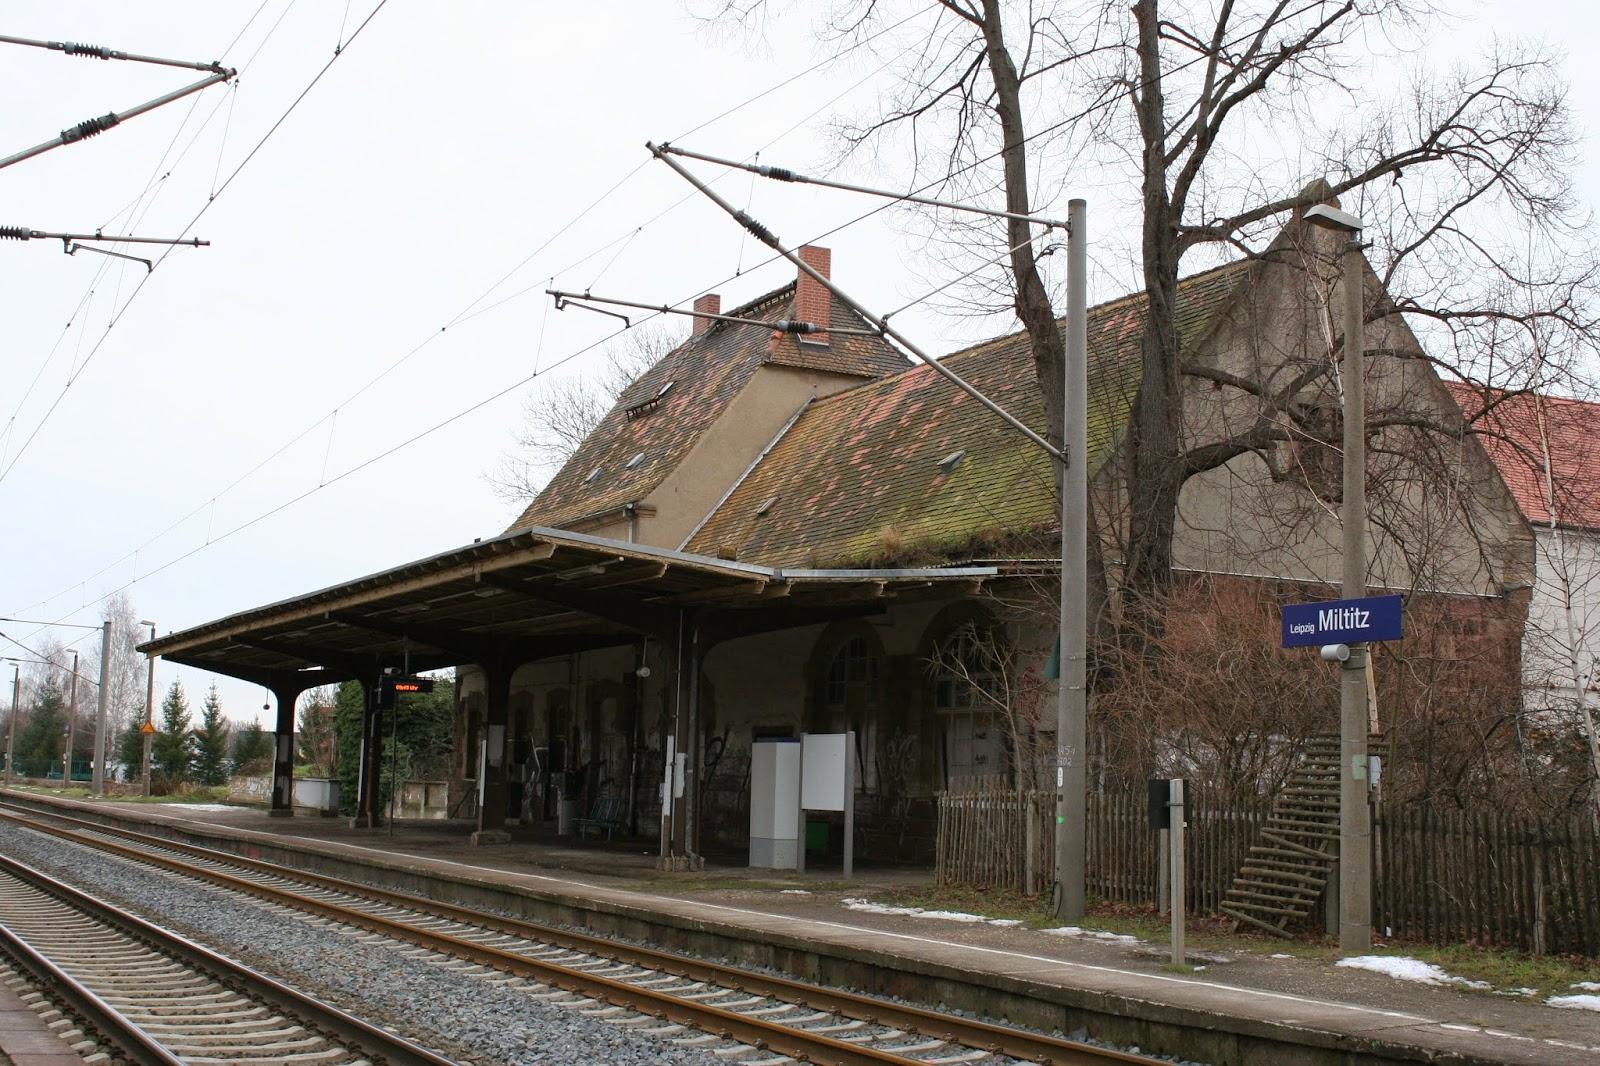 Der alte und sichtlich marode Bahnhof im Leipziger Ortsteil Miltitz - doch auch hier halten noch Züge wie Regionalbahnen